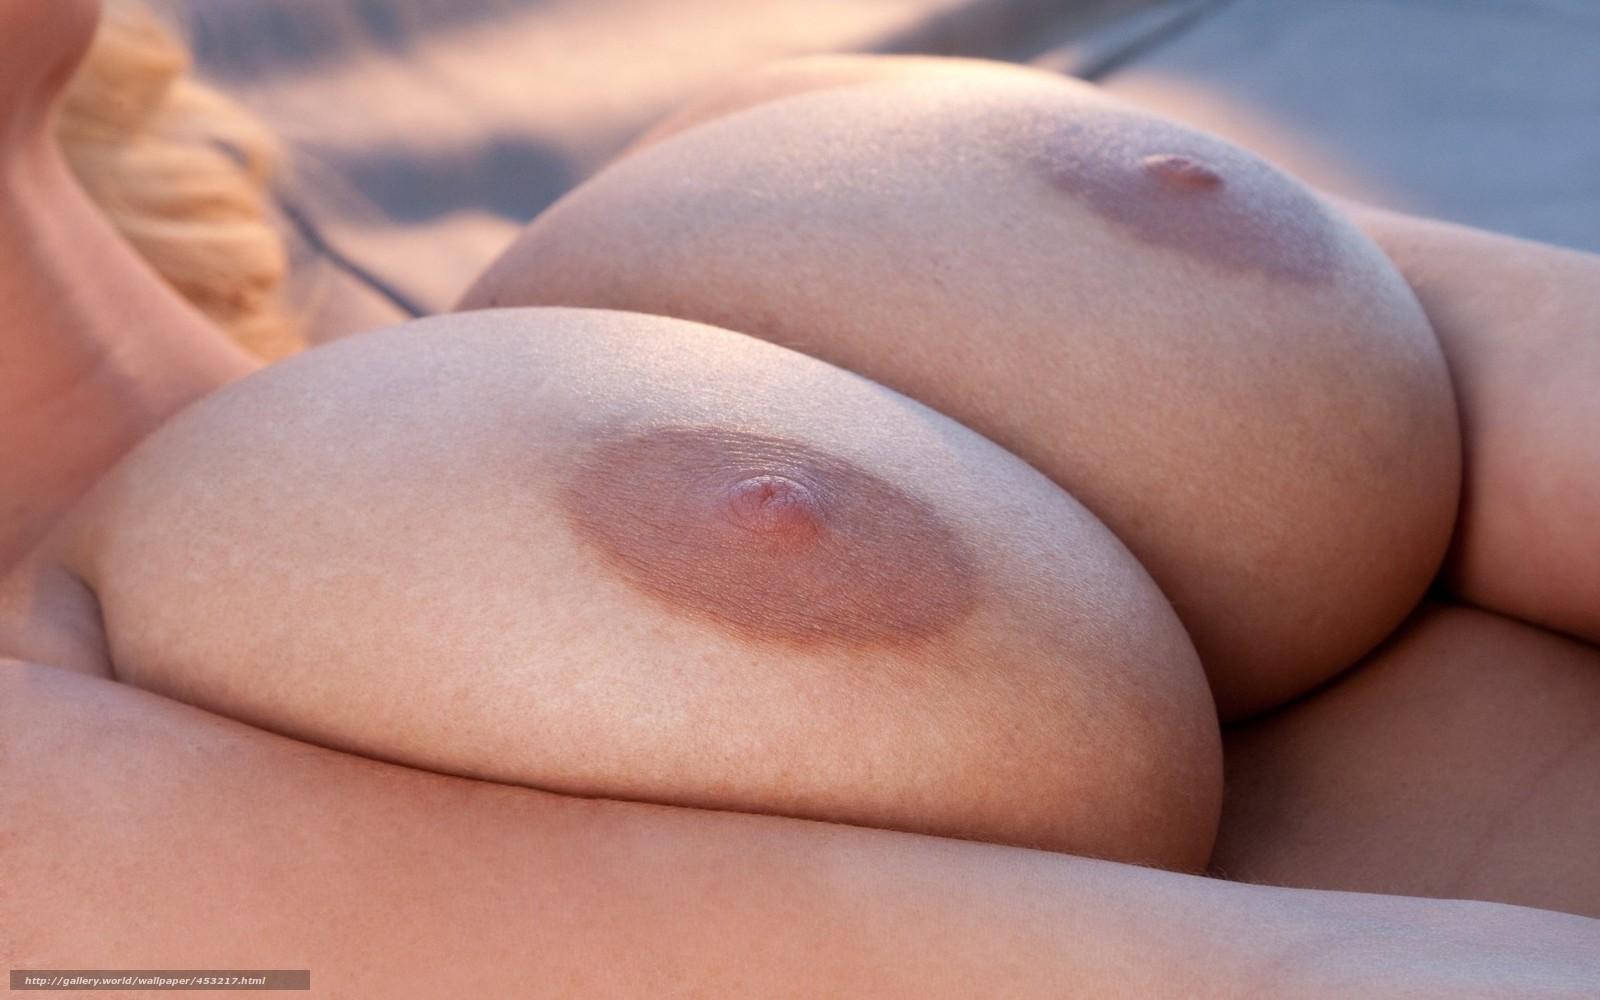 Фото форма женских сосков 15 фотография